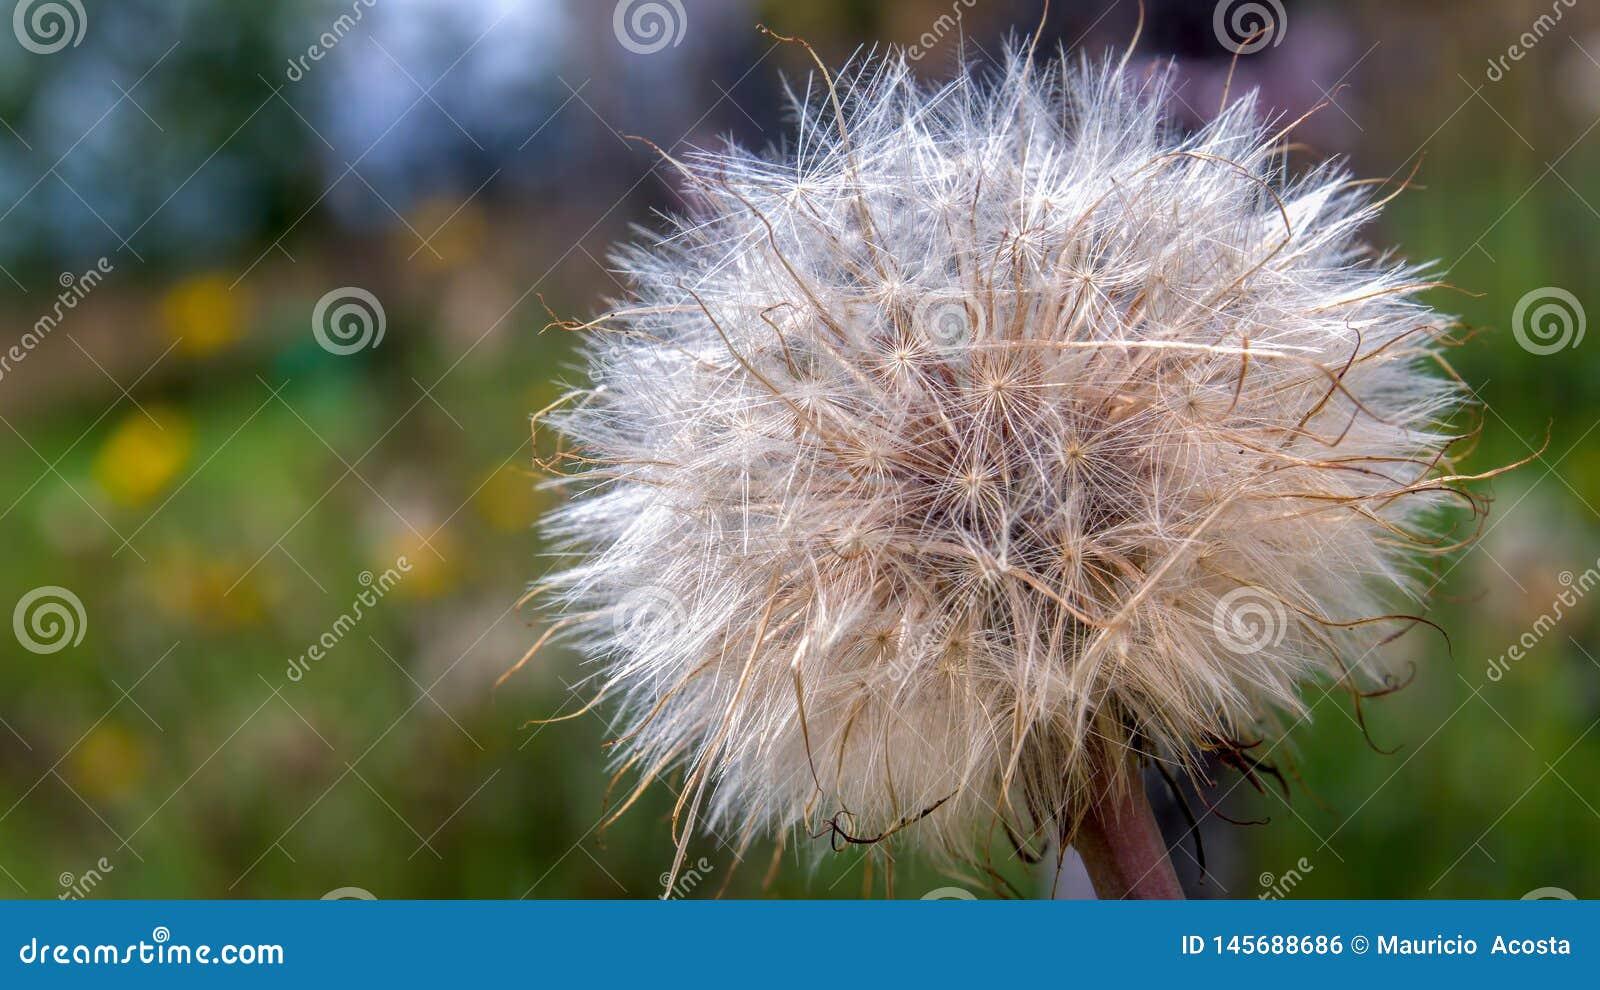 Dense dandelion seed fluff in a dandelion field